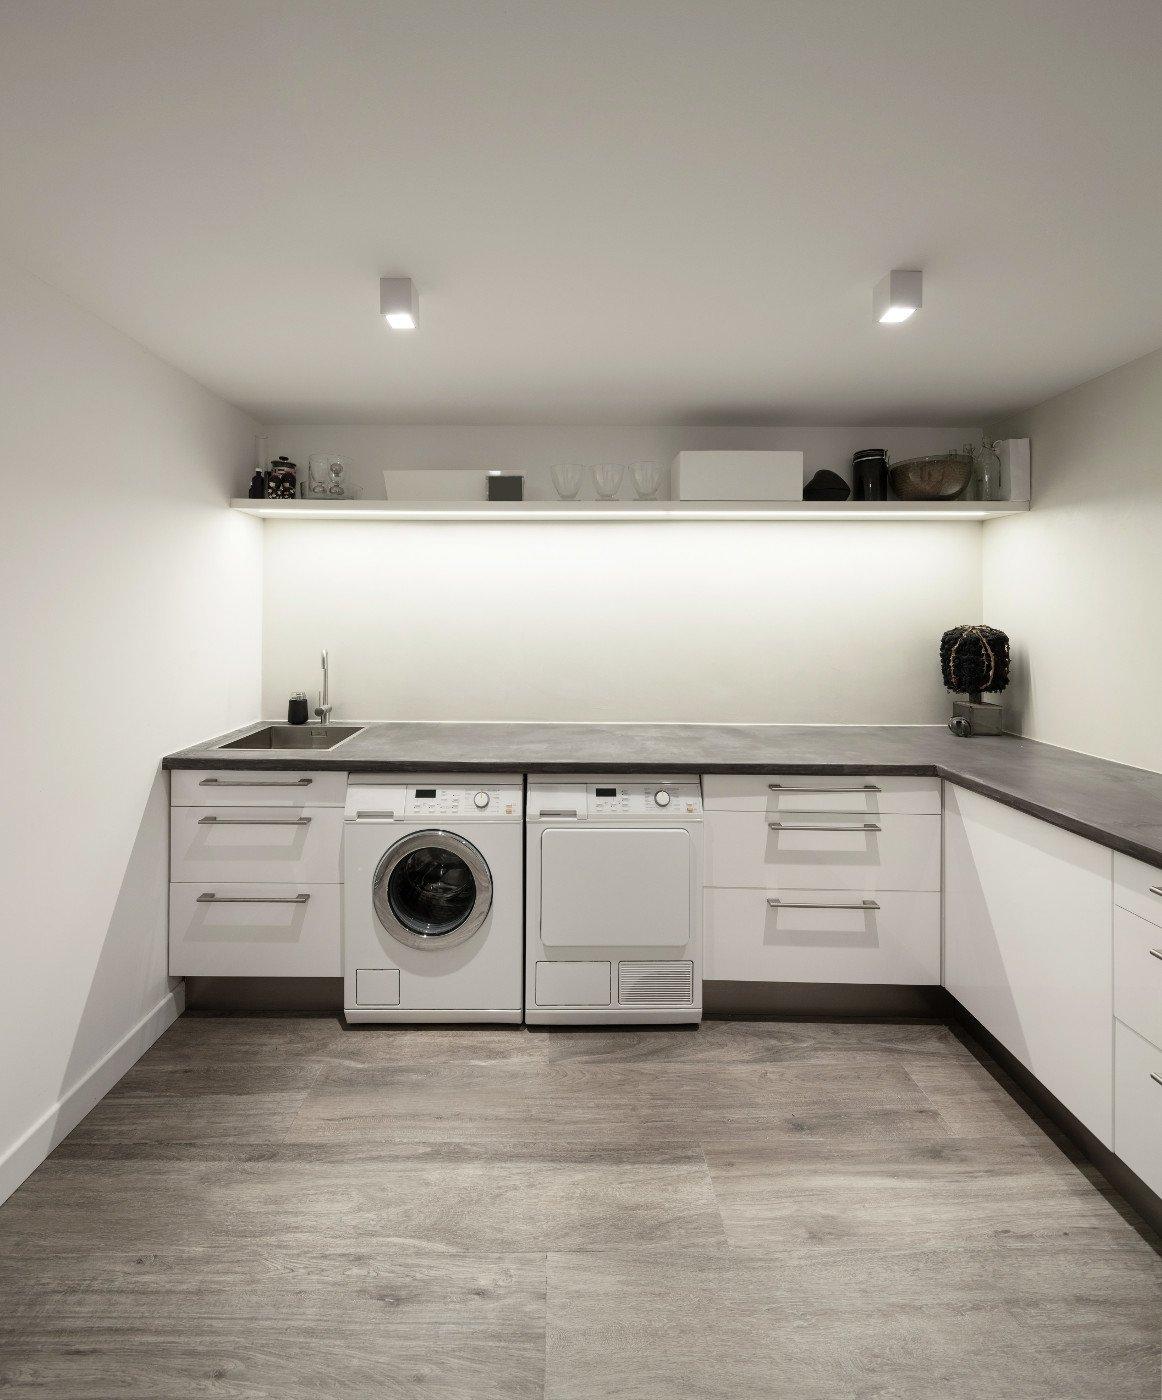 Miejsce dla pralki_Osobna pralnia_pomieszczenie z białymi szafkami pralka suszarka, podłoga drewniana